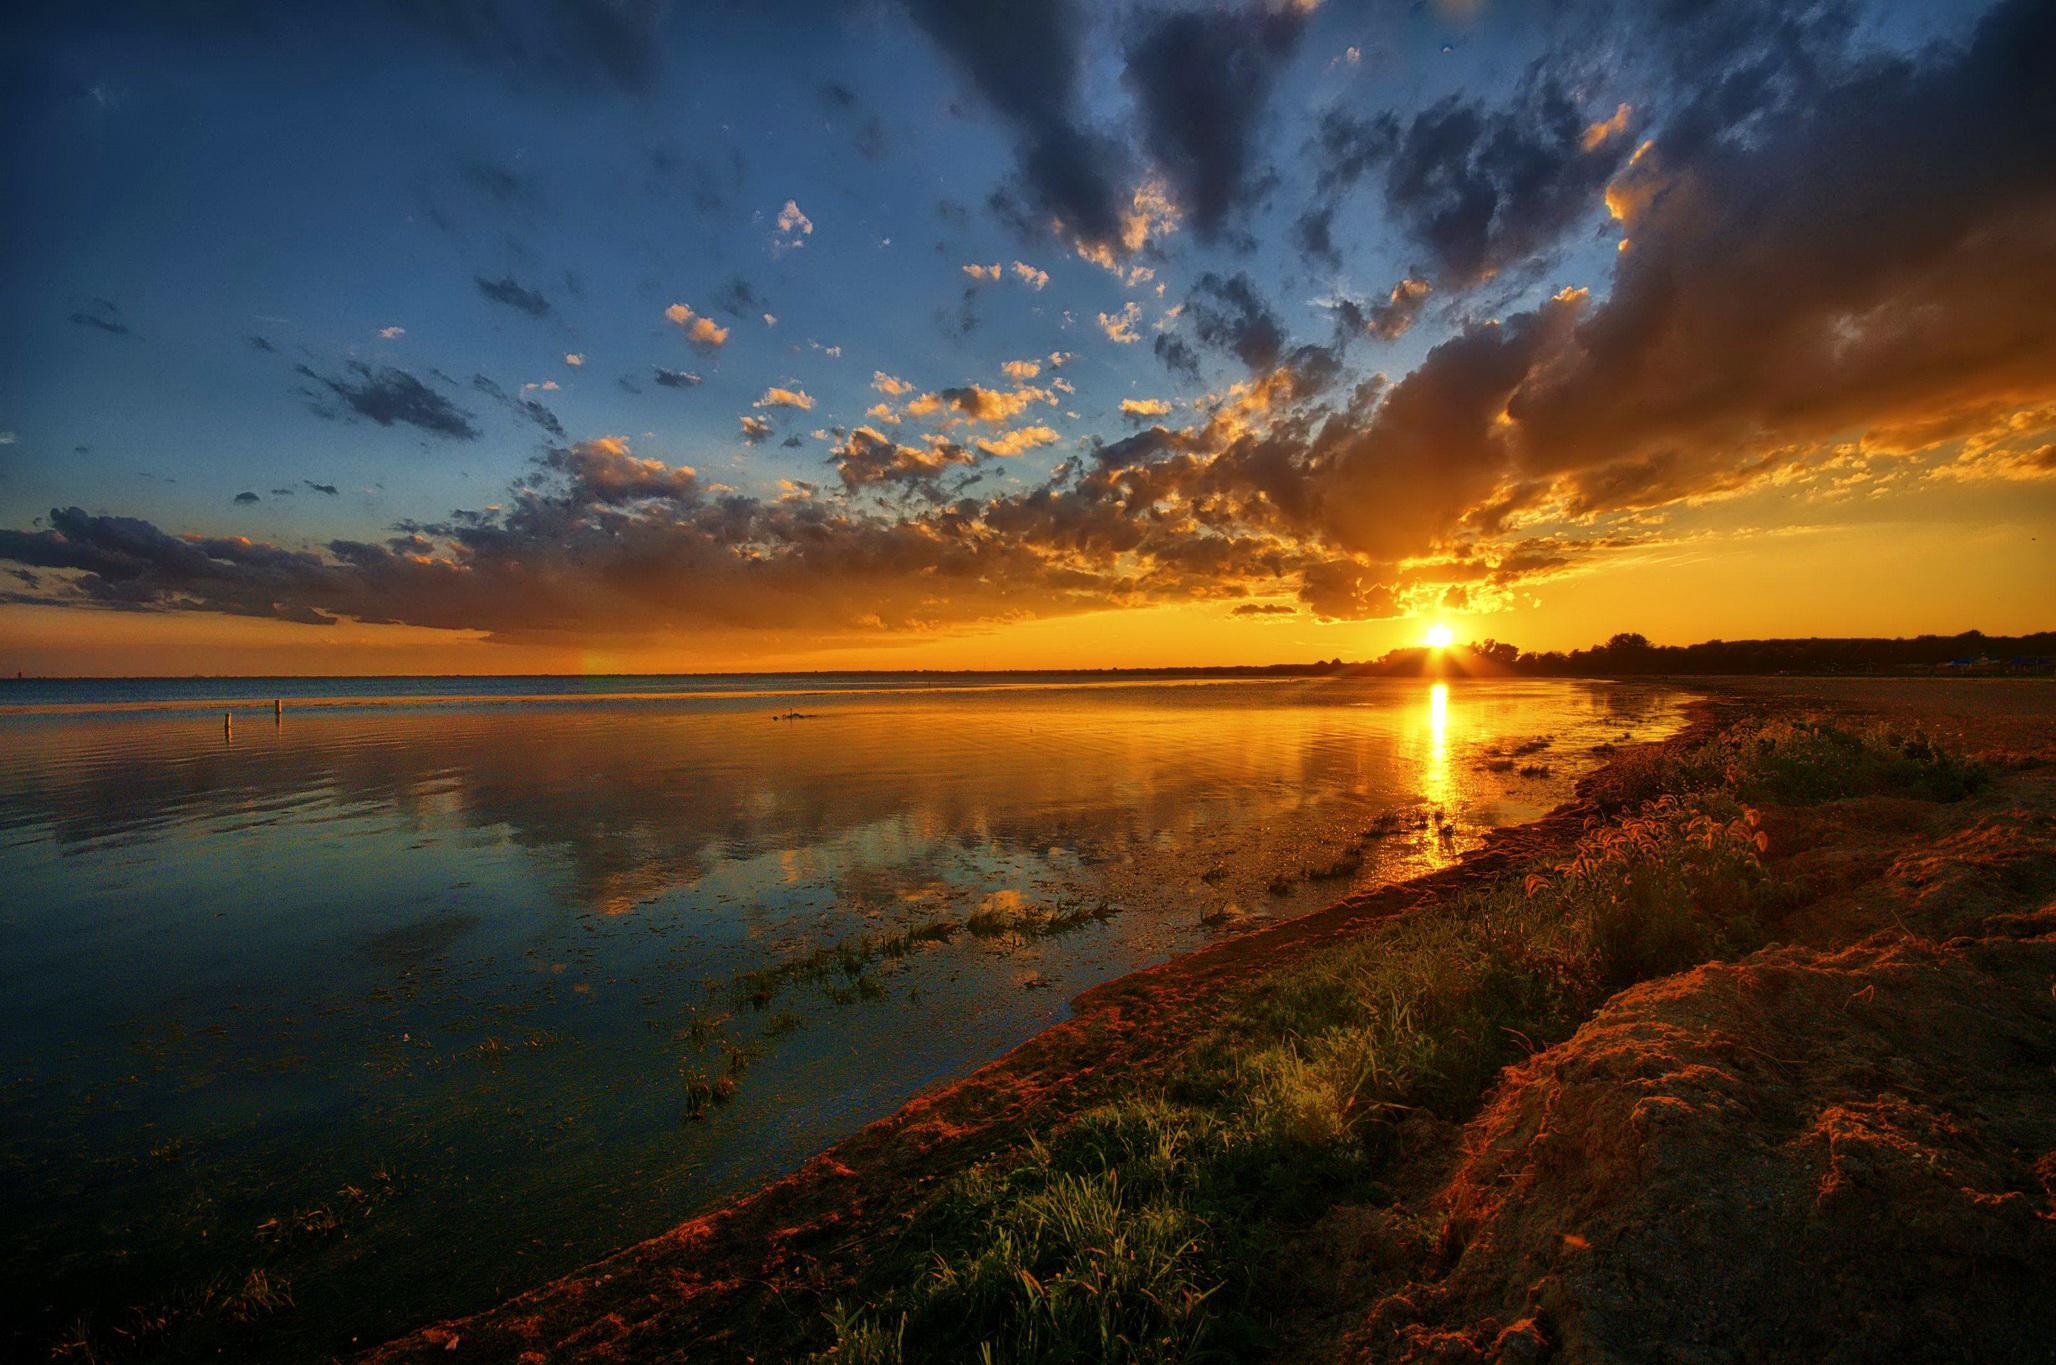 Закаты самые красивые фото